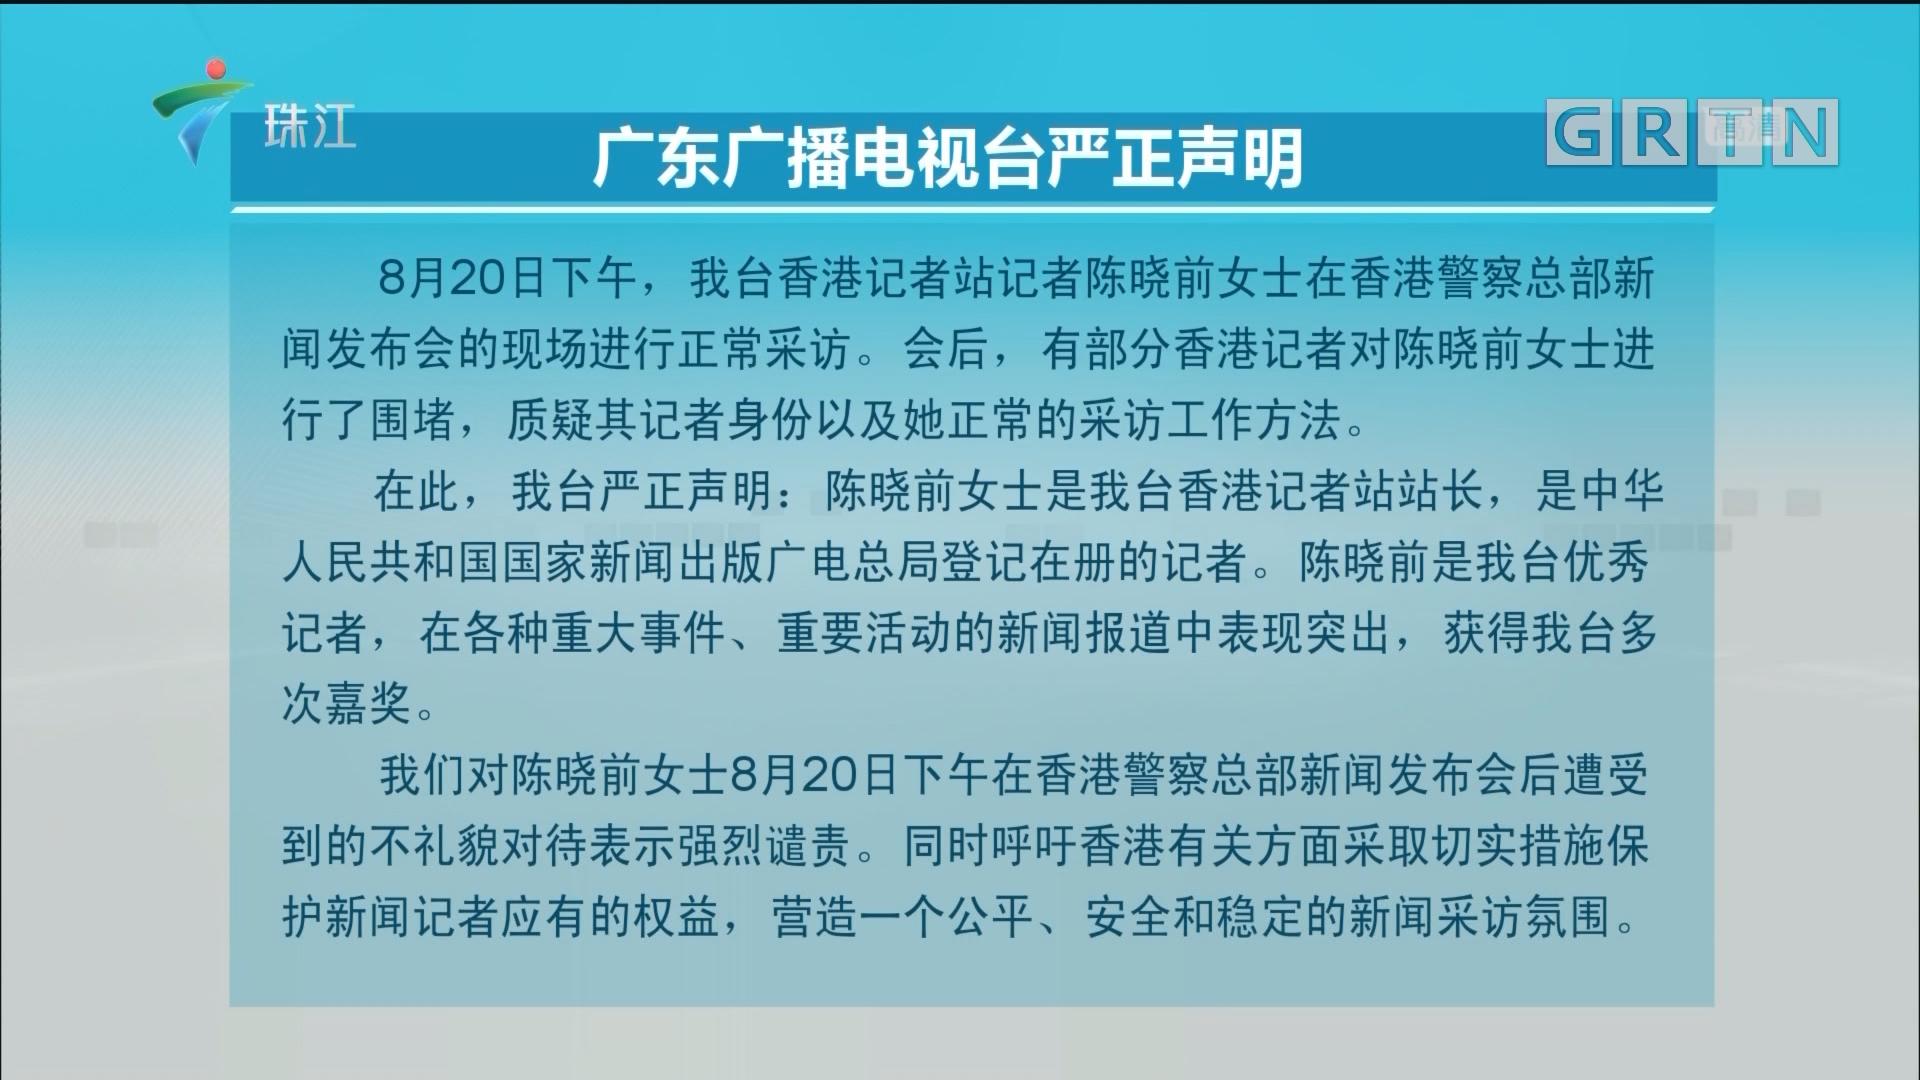 广东广播电视台严正声明